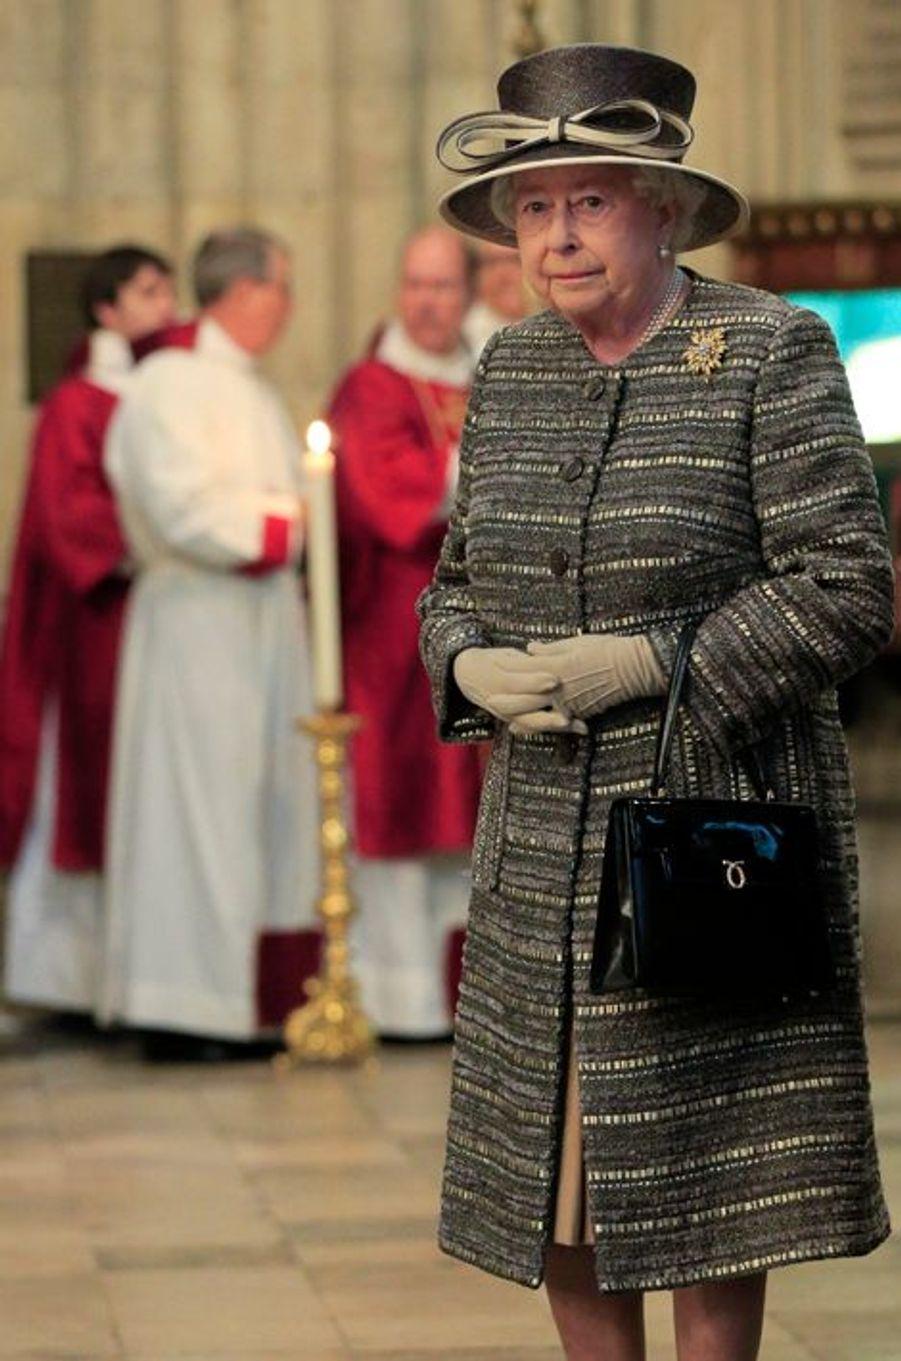 La reine Elizabeth II à l'abbaye de Westminster, le 24 novembre 2015